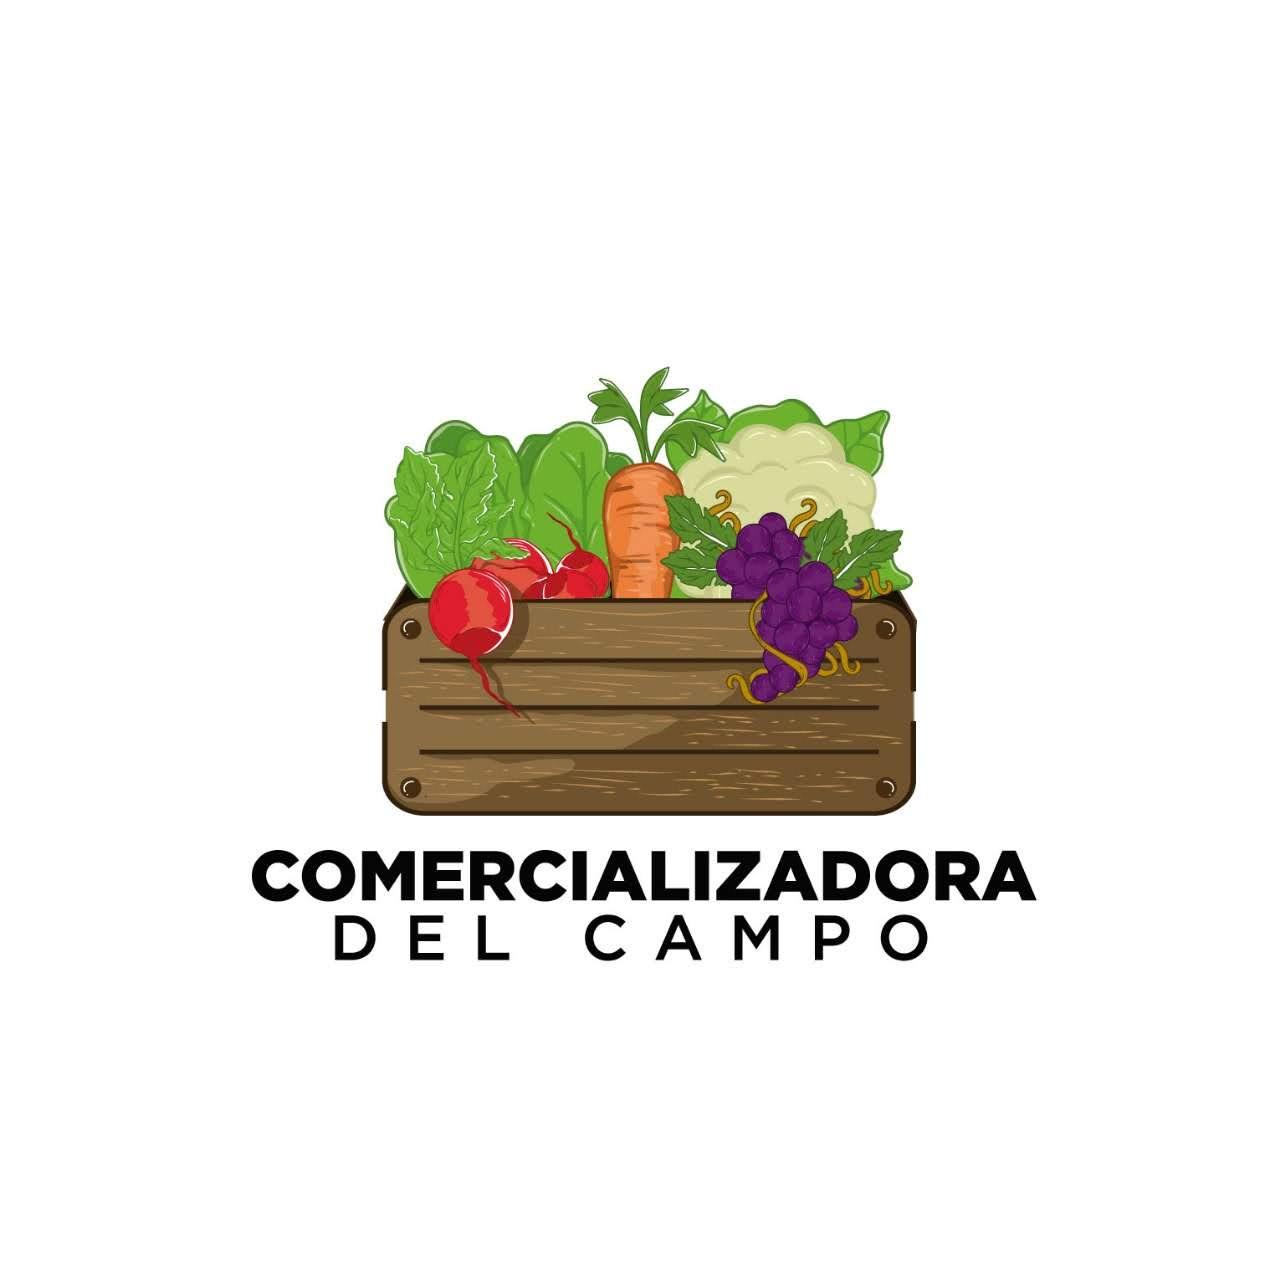 COMERCIALIZADORA DEL CAMPO